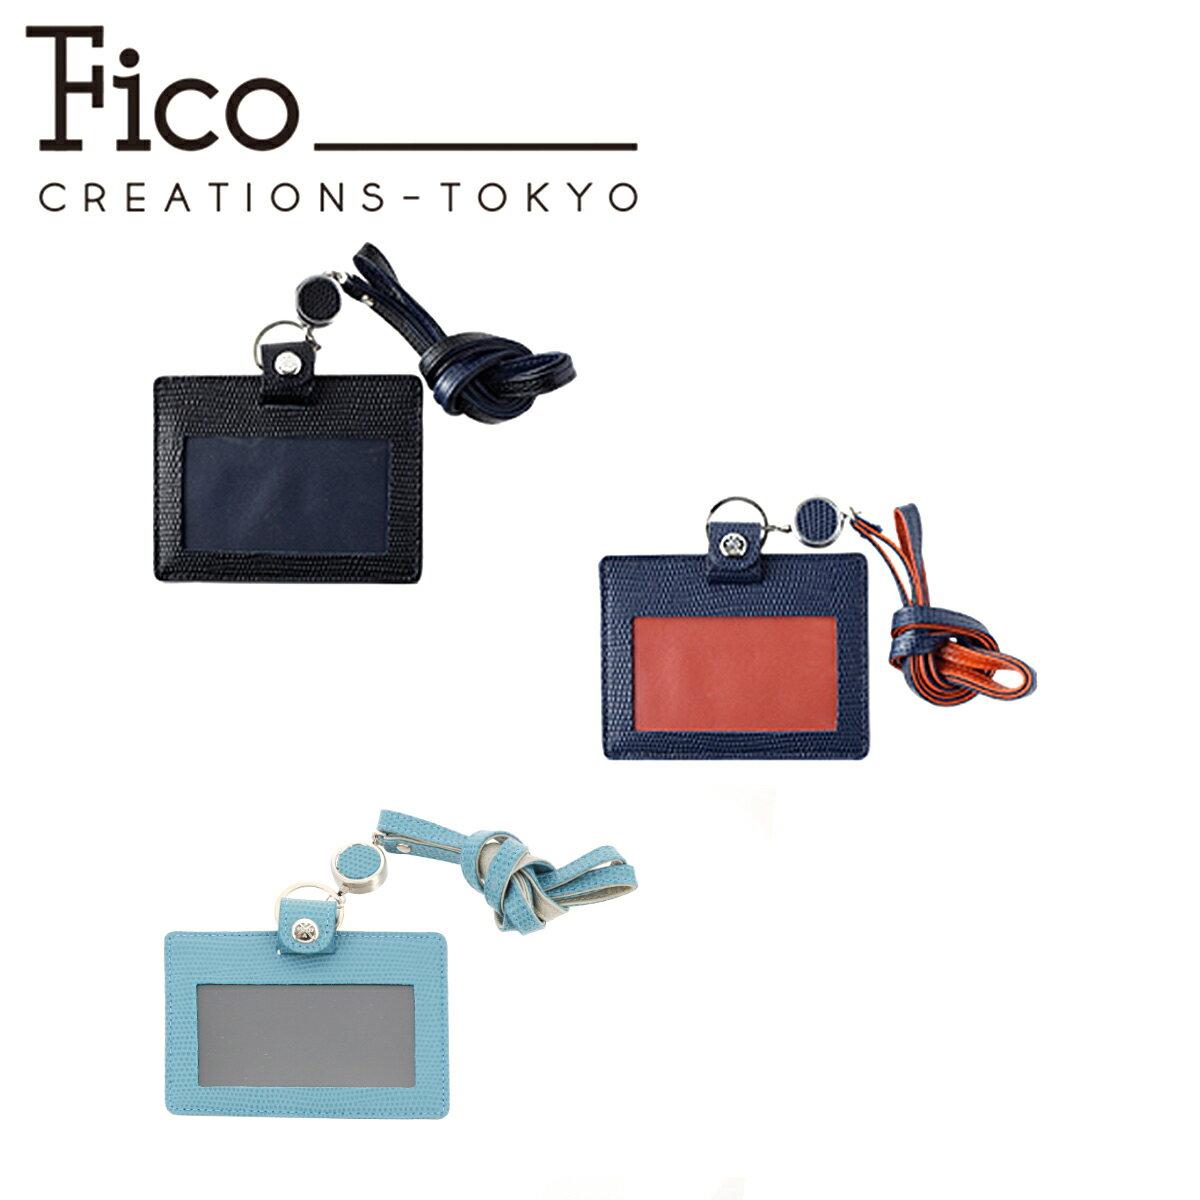 財布・ケース, 定期入れ・パスケース  C 58839 Fico ID IC 1PO5bef